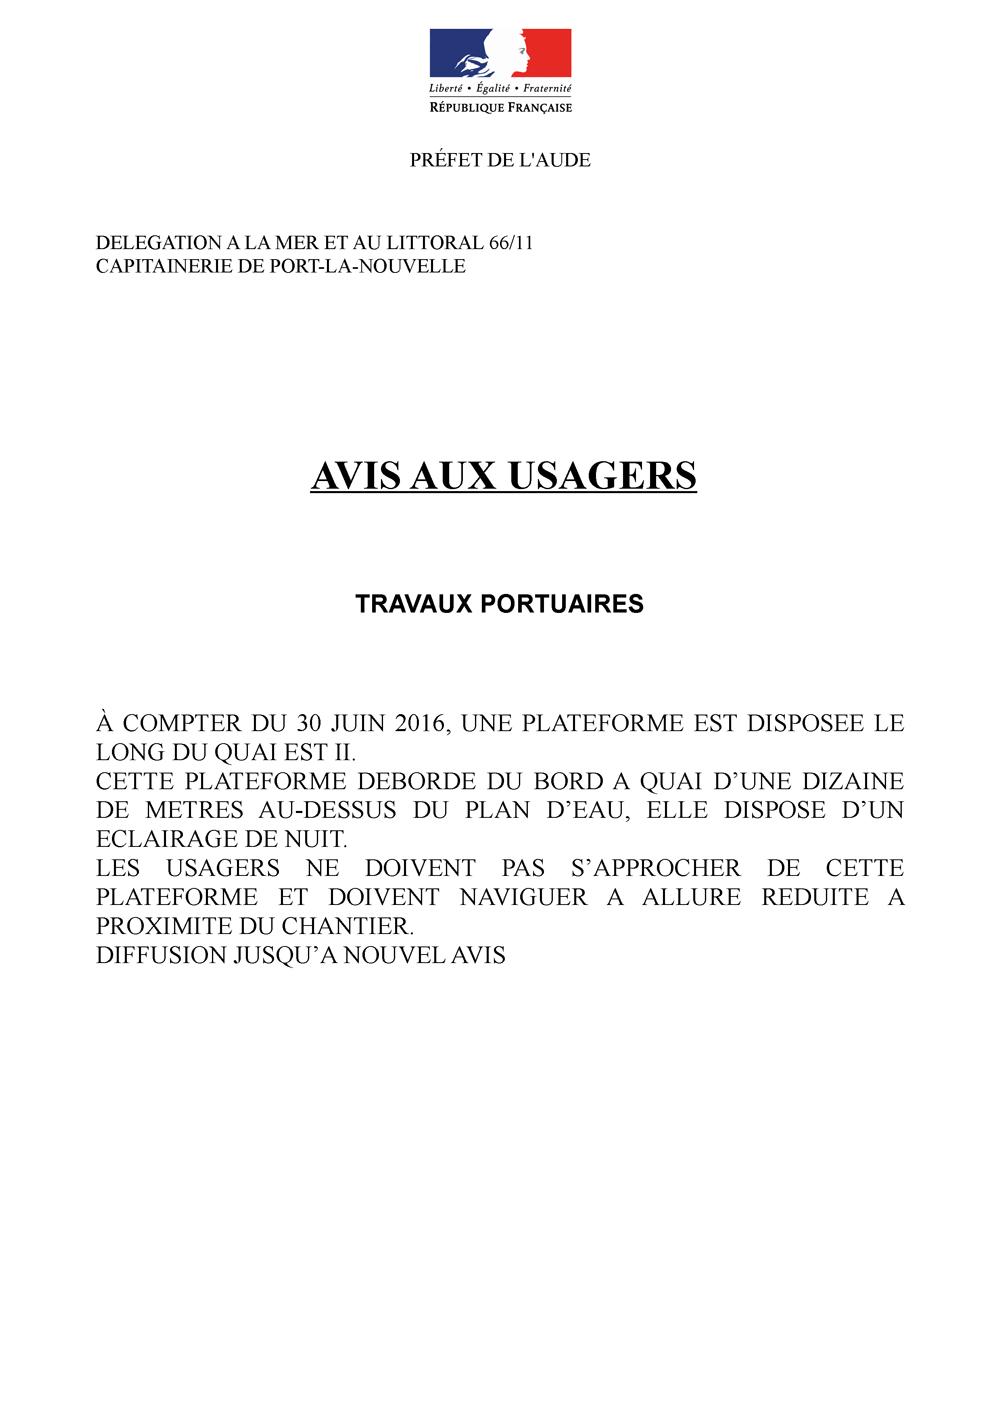 AVIS_AUX_USAGERS_TRAVAUX